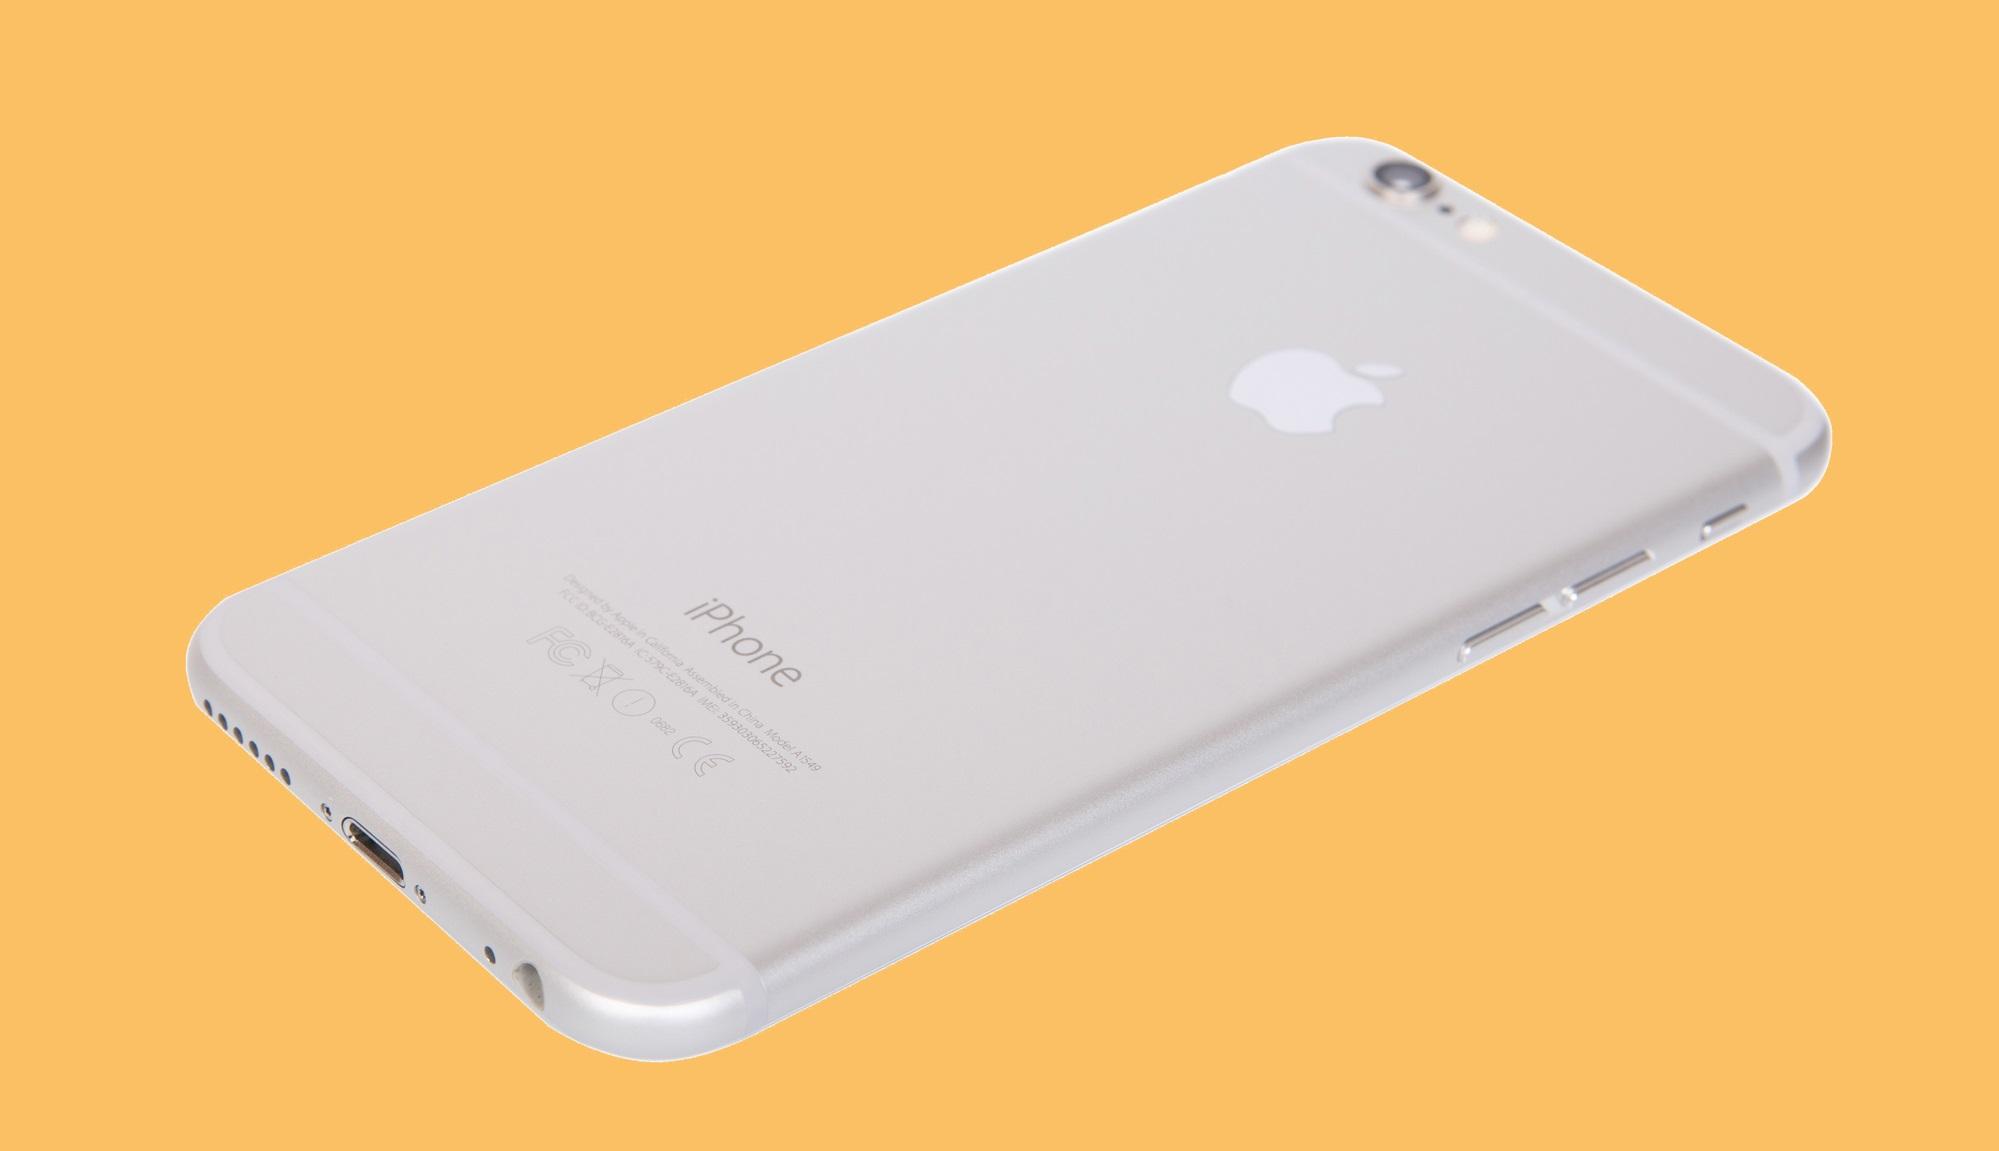 Apple kann iPhone mit biometrischem Sensor auf dem Bildschirm in China starten 1